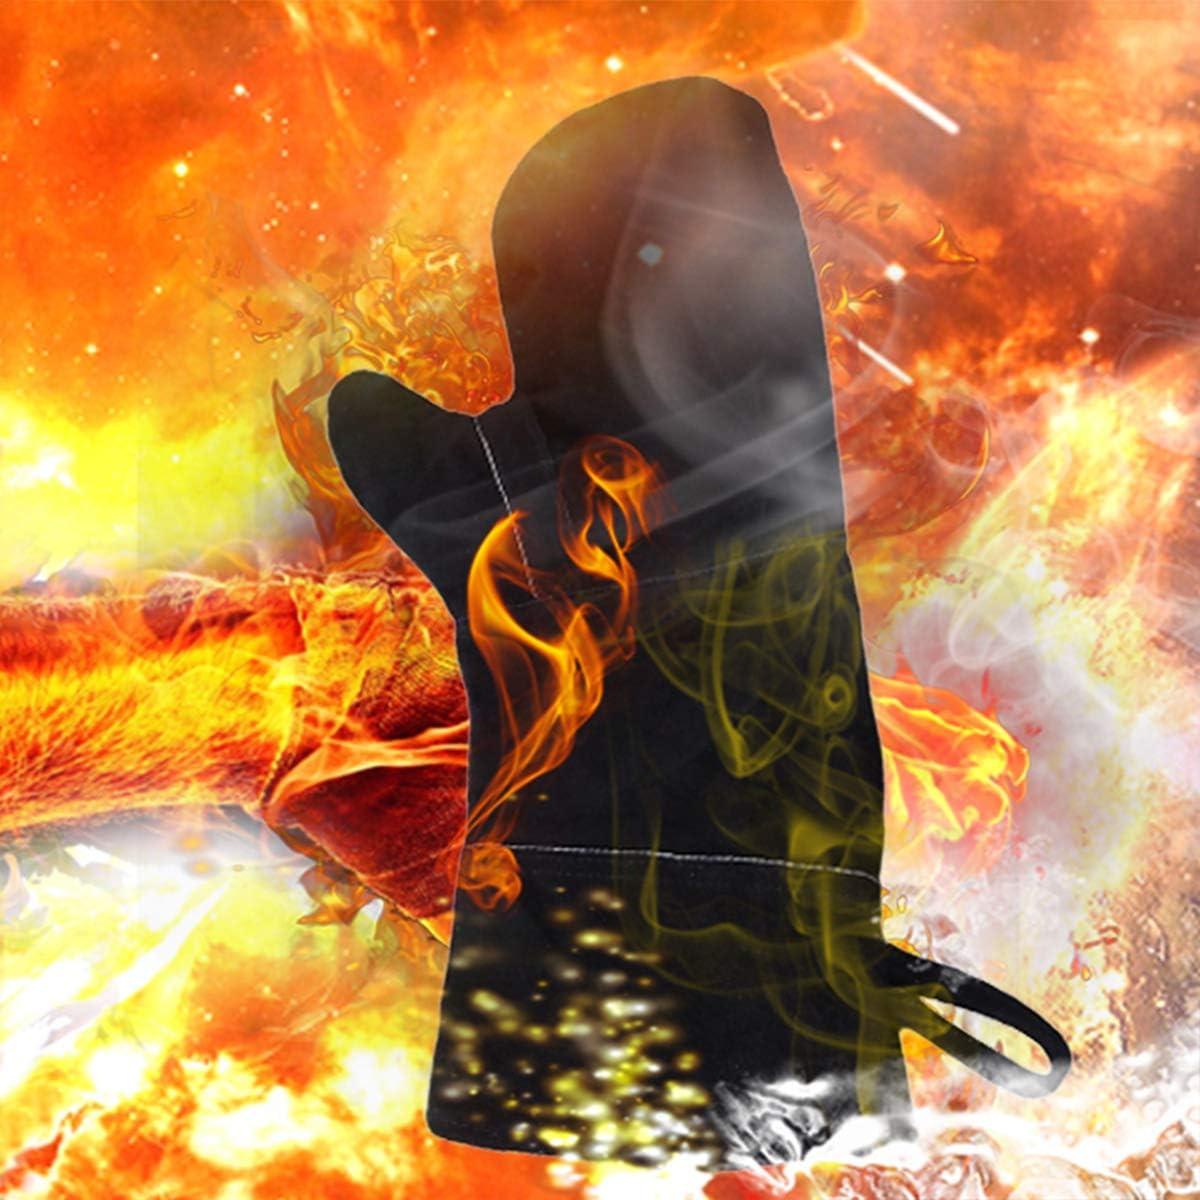 Yardwe Calore Guanti resistenti al fuoco Stufa guanti per forno Grill per barbecue